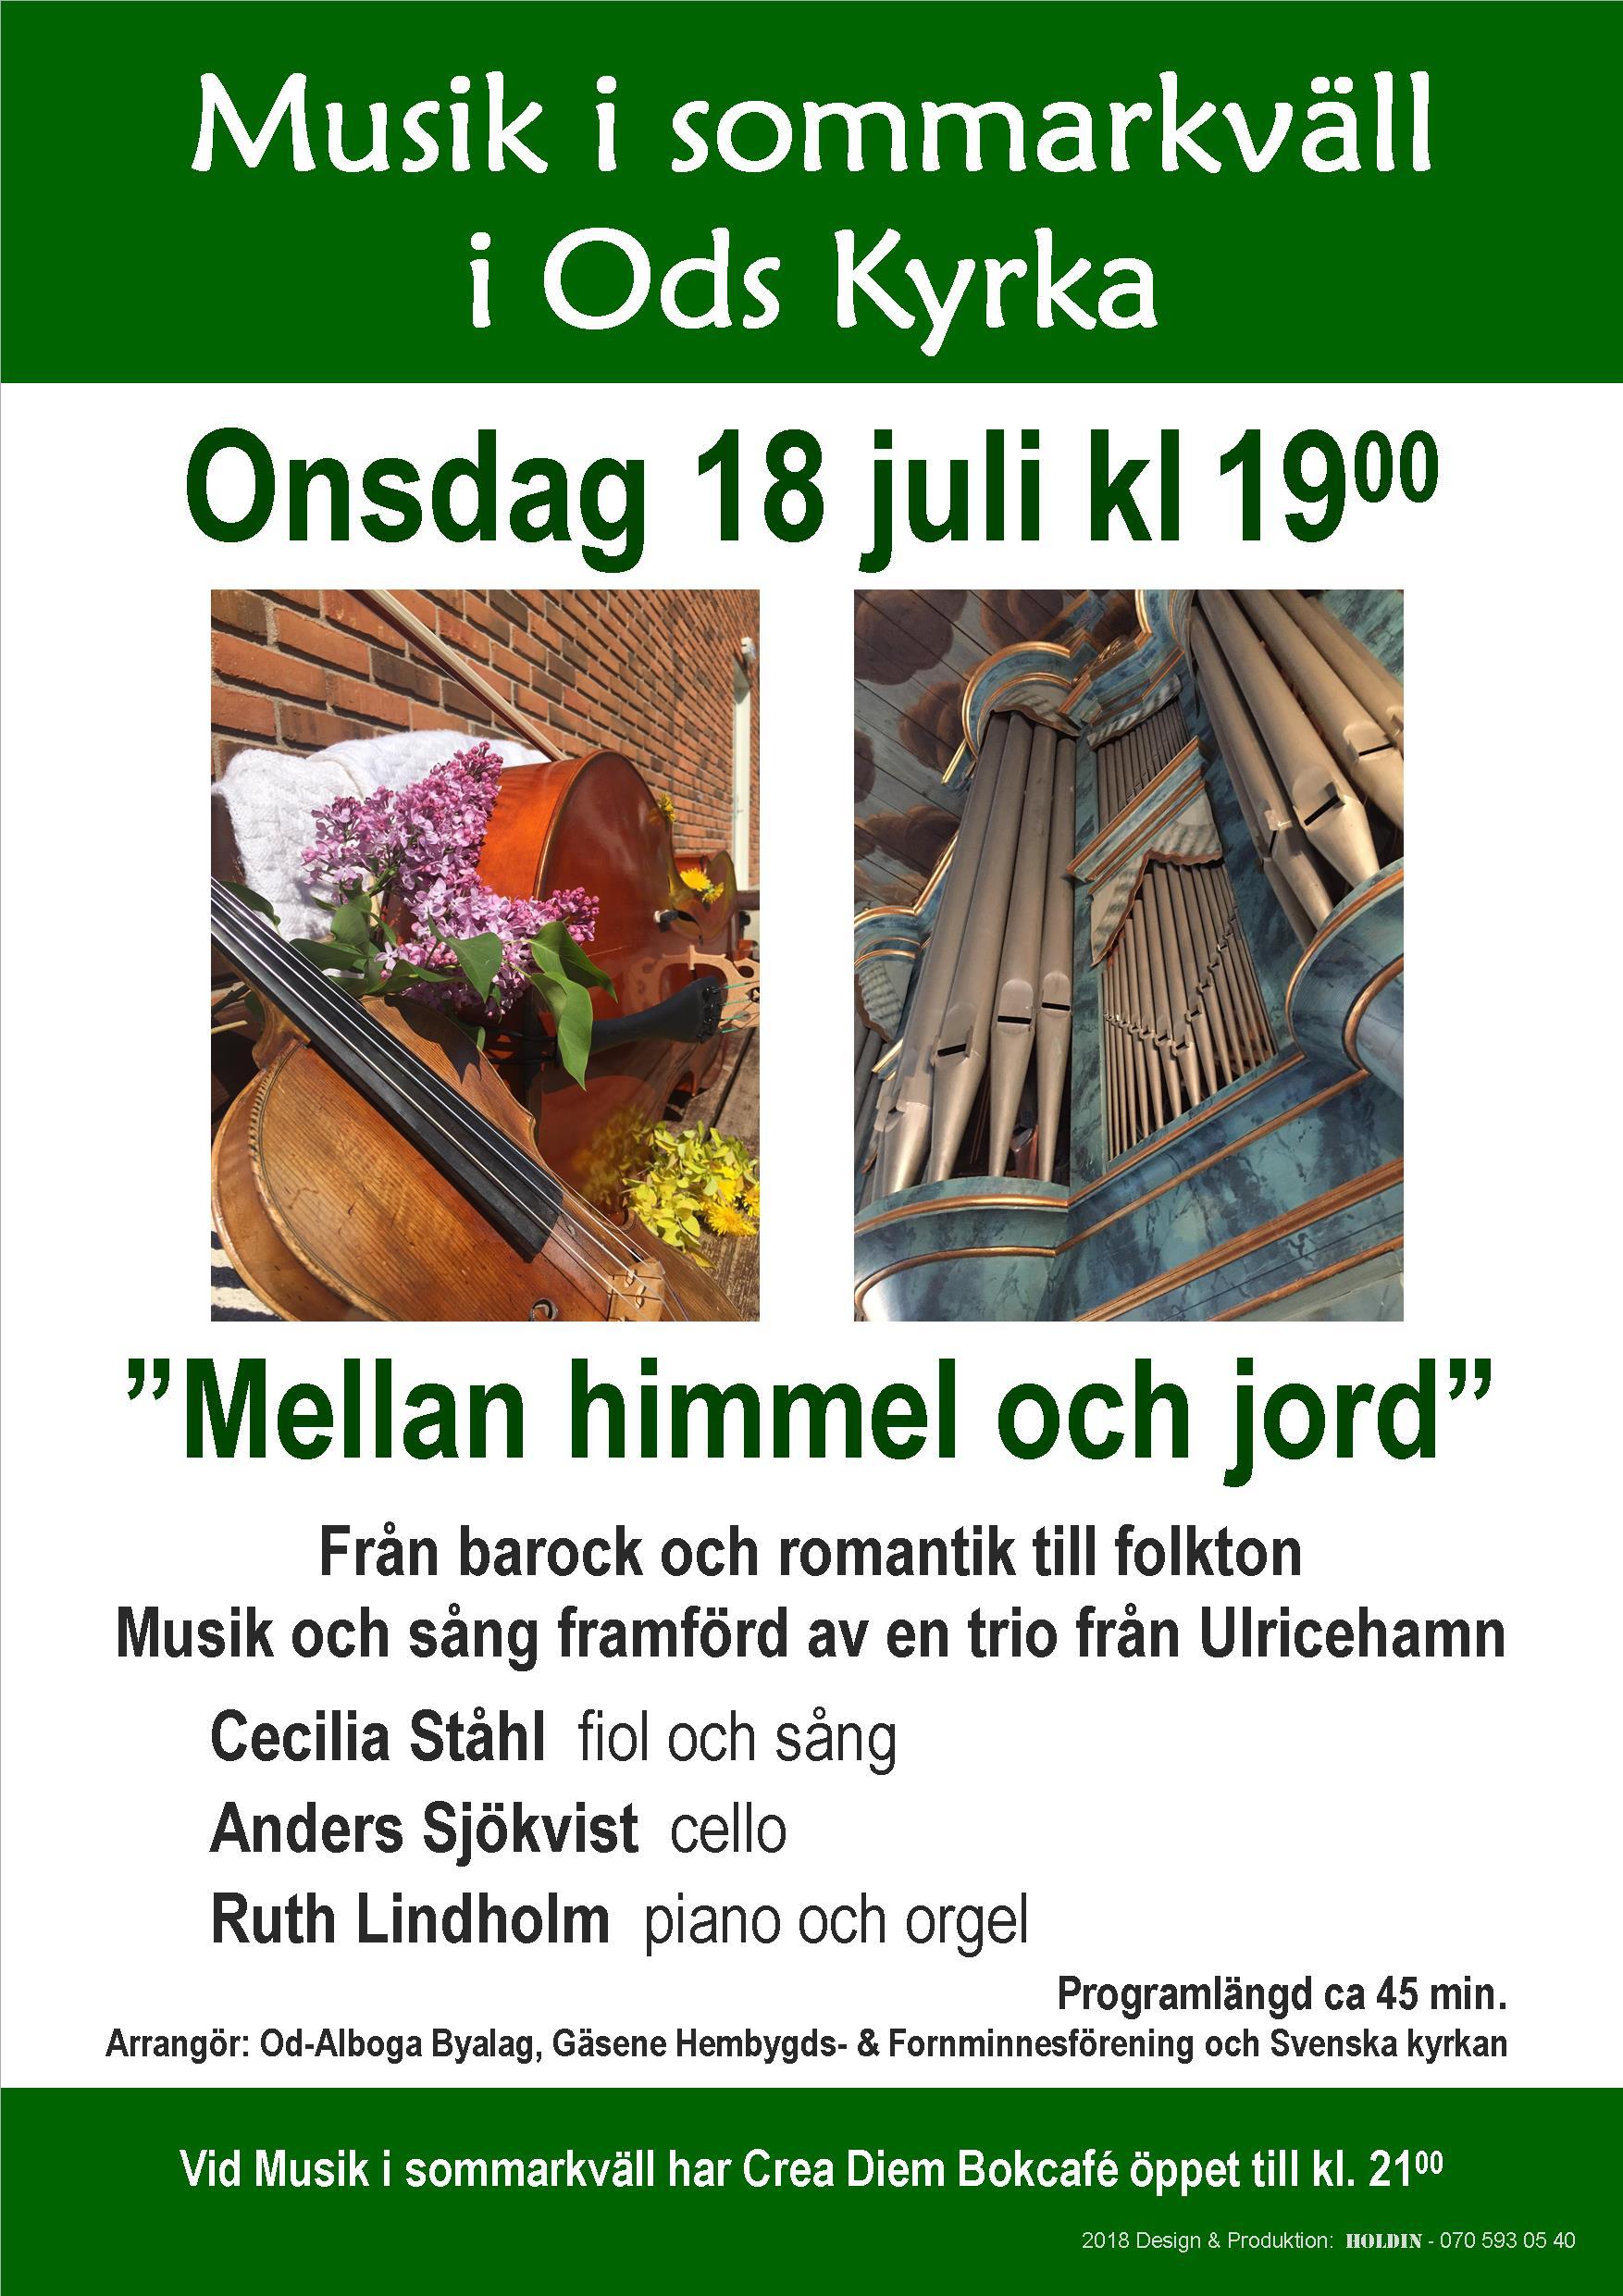 Musik i sommarkvällen i Ods Kyrka @ ods kyrka | Västra Götalands län | Sverige